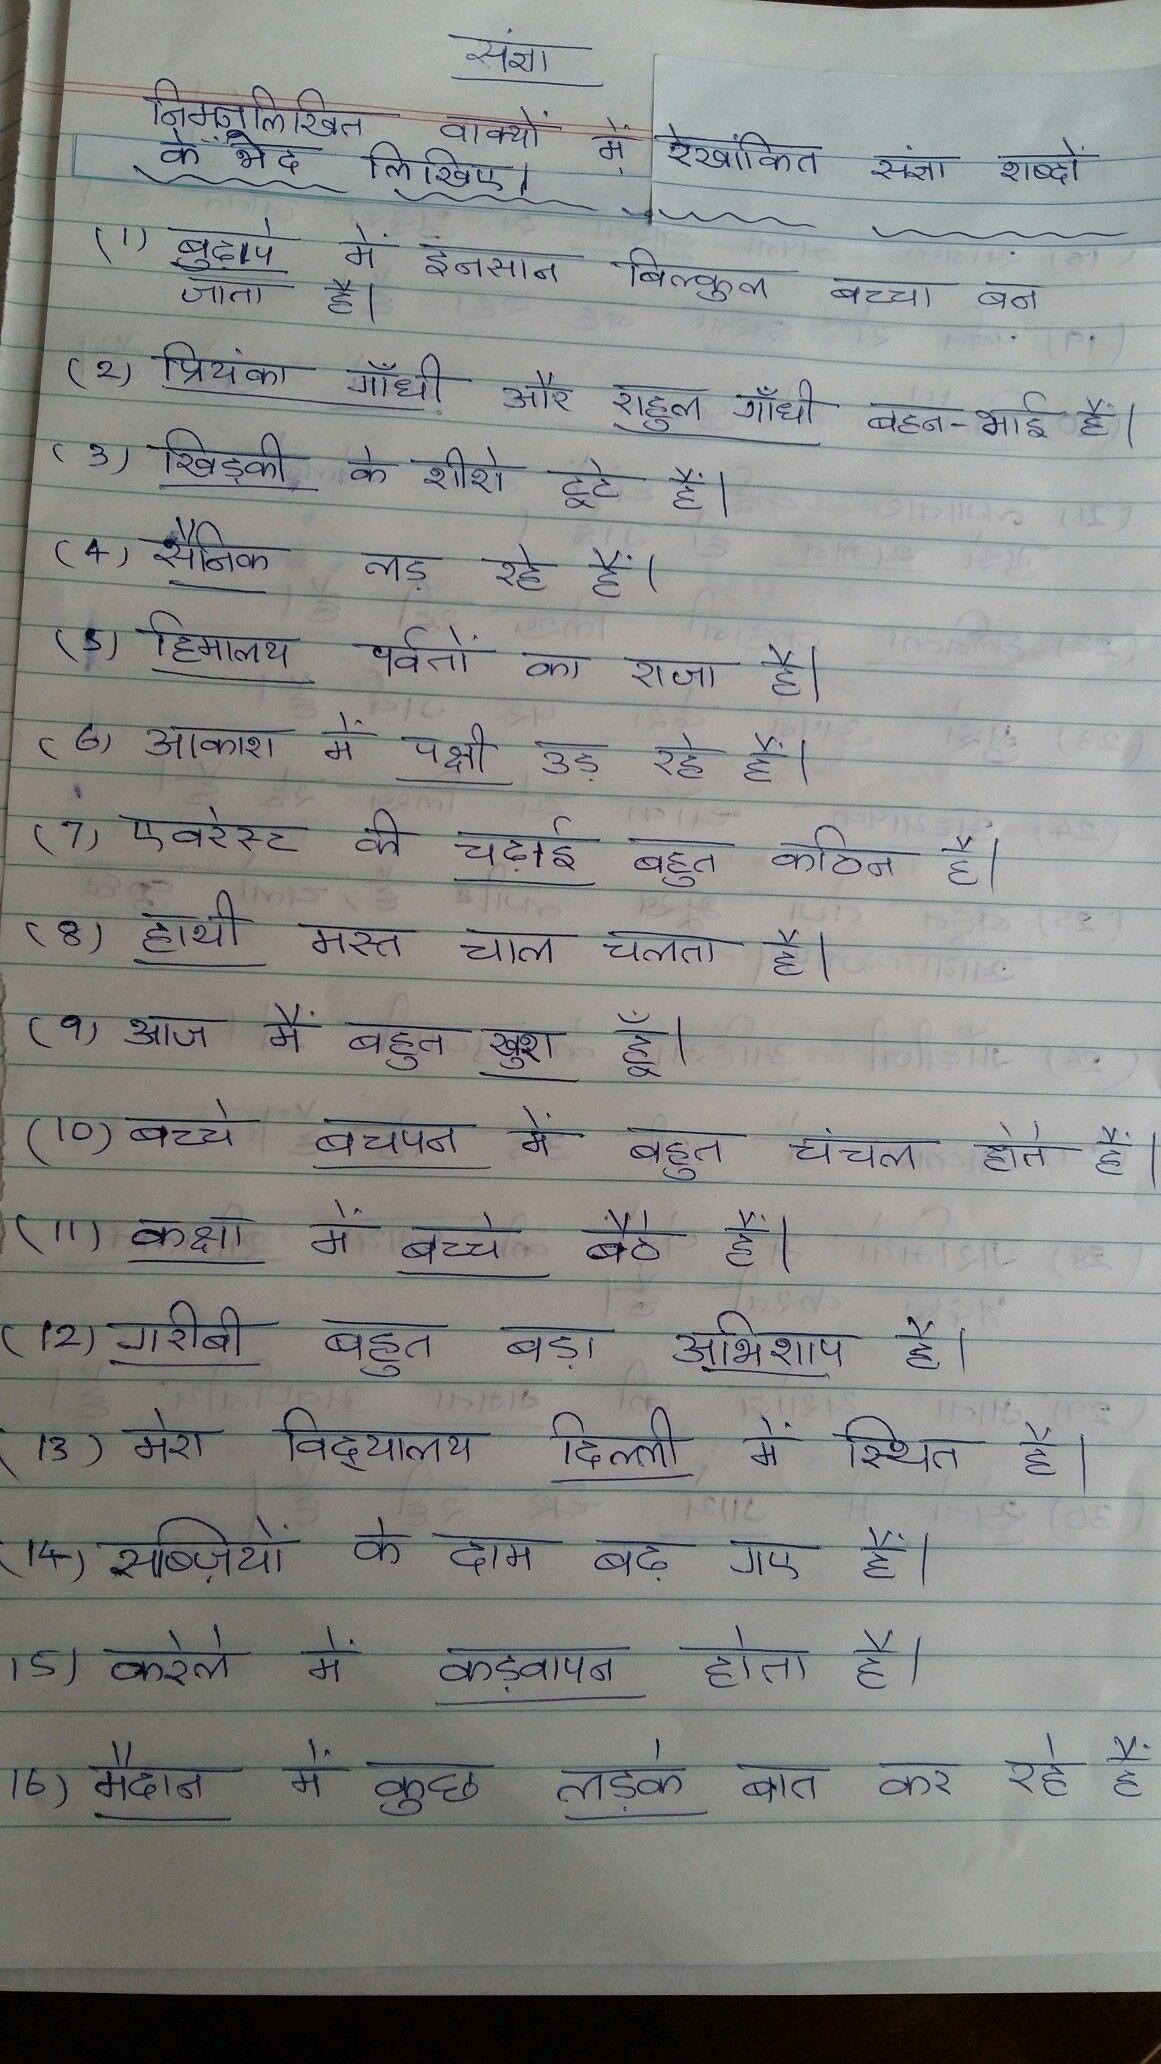 hight resolution of Hindi grammar WORKSHEETS-SANGYA ...PNV   Hindi worksheets